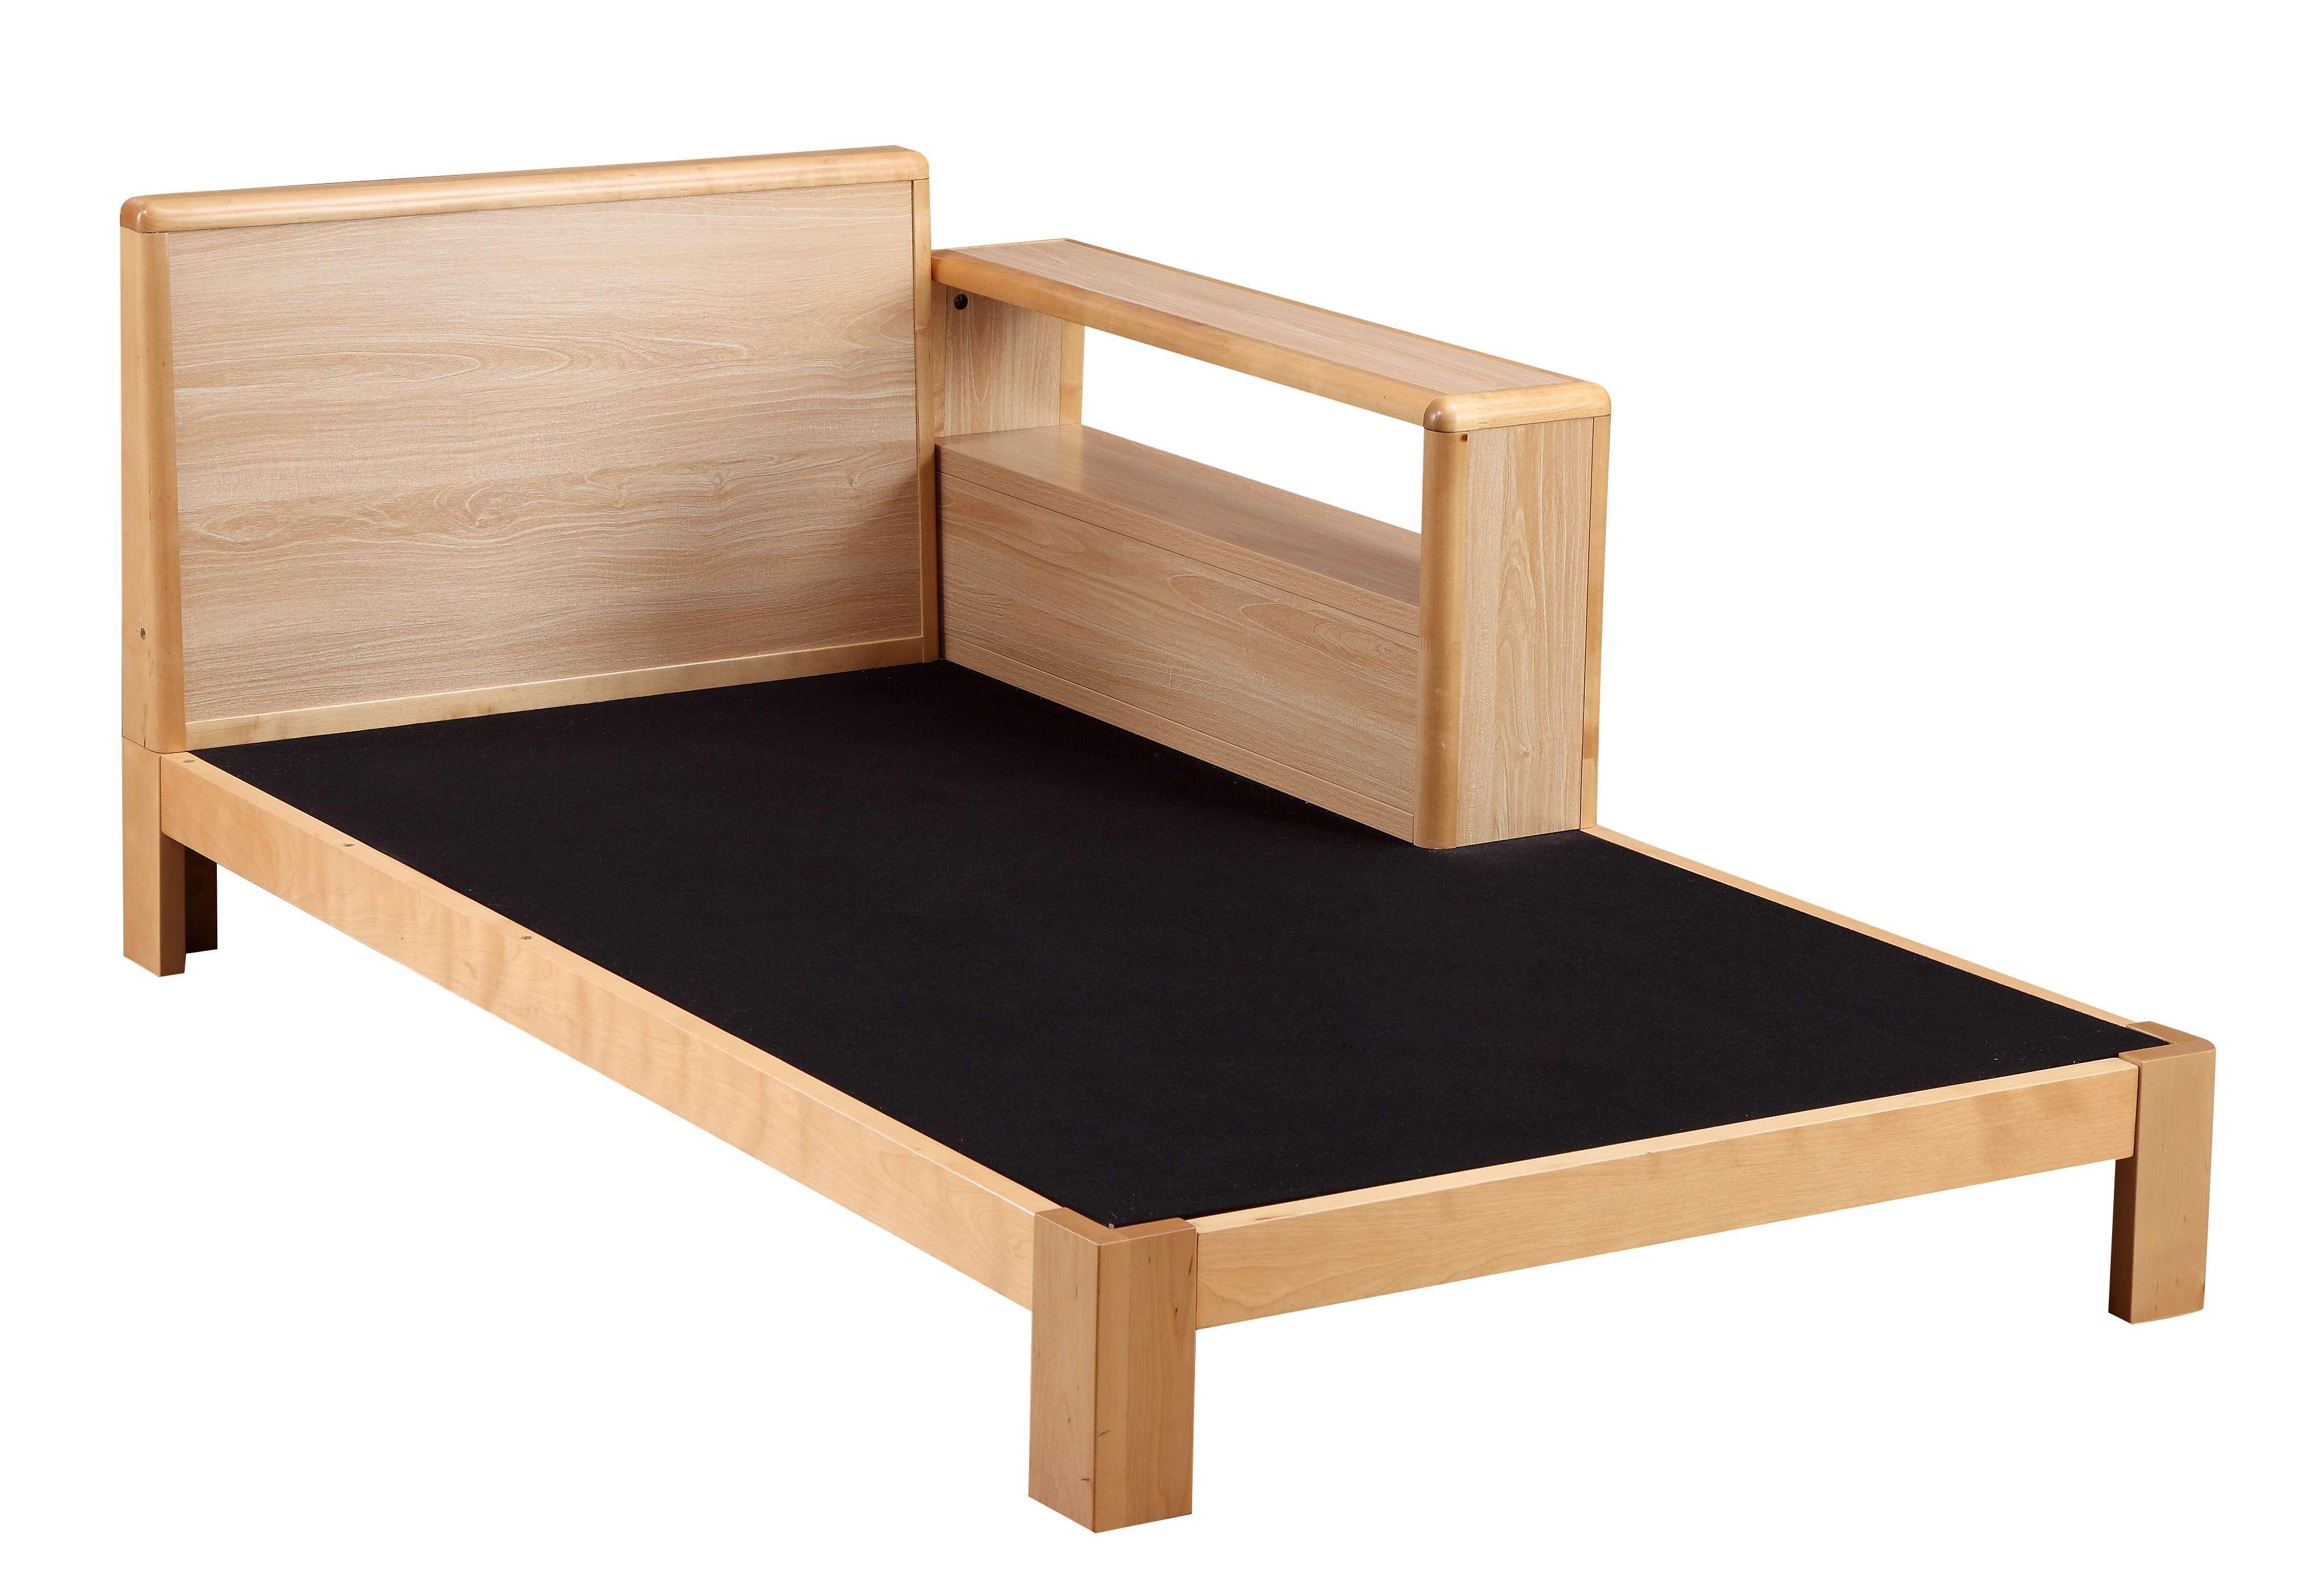 【枫尚】现代简约实木布艺沙发